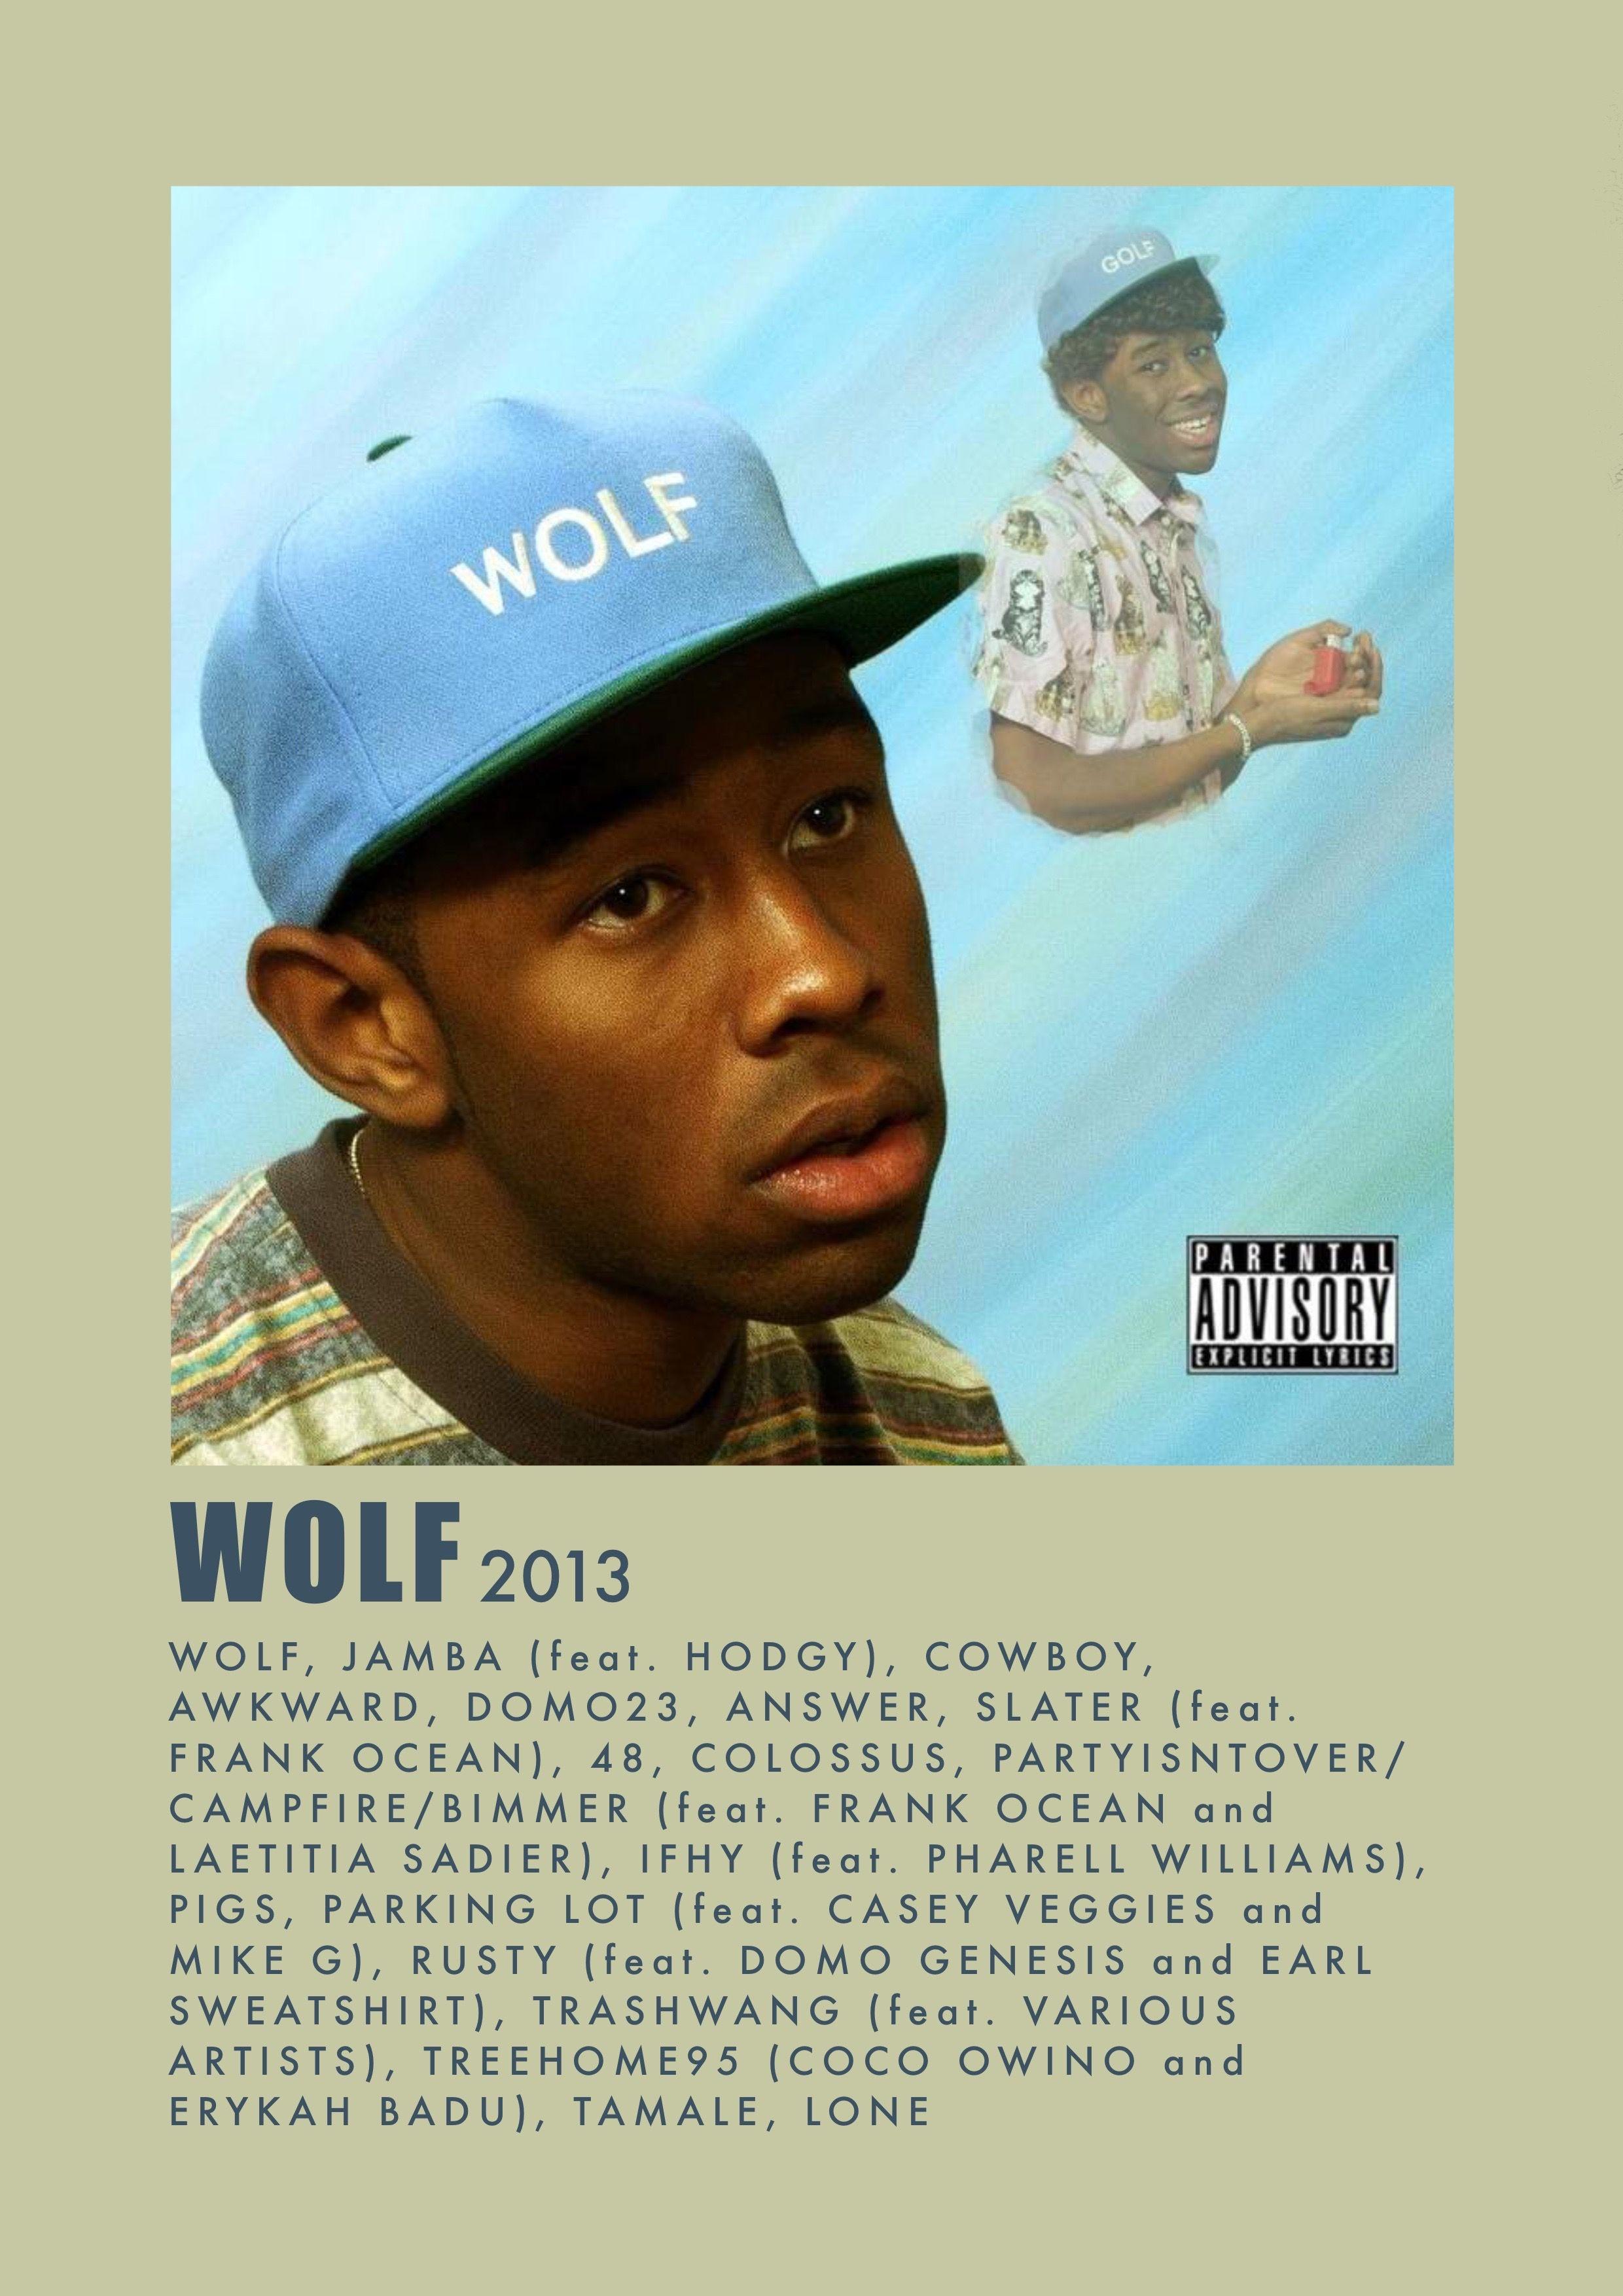 Wolf Album Cover Music Poster Ideas Custom Album Covers Music Poster Design